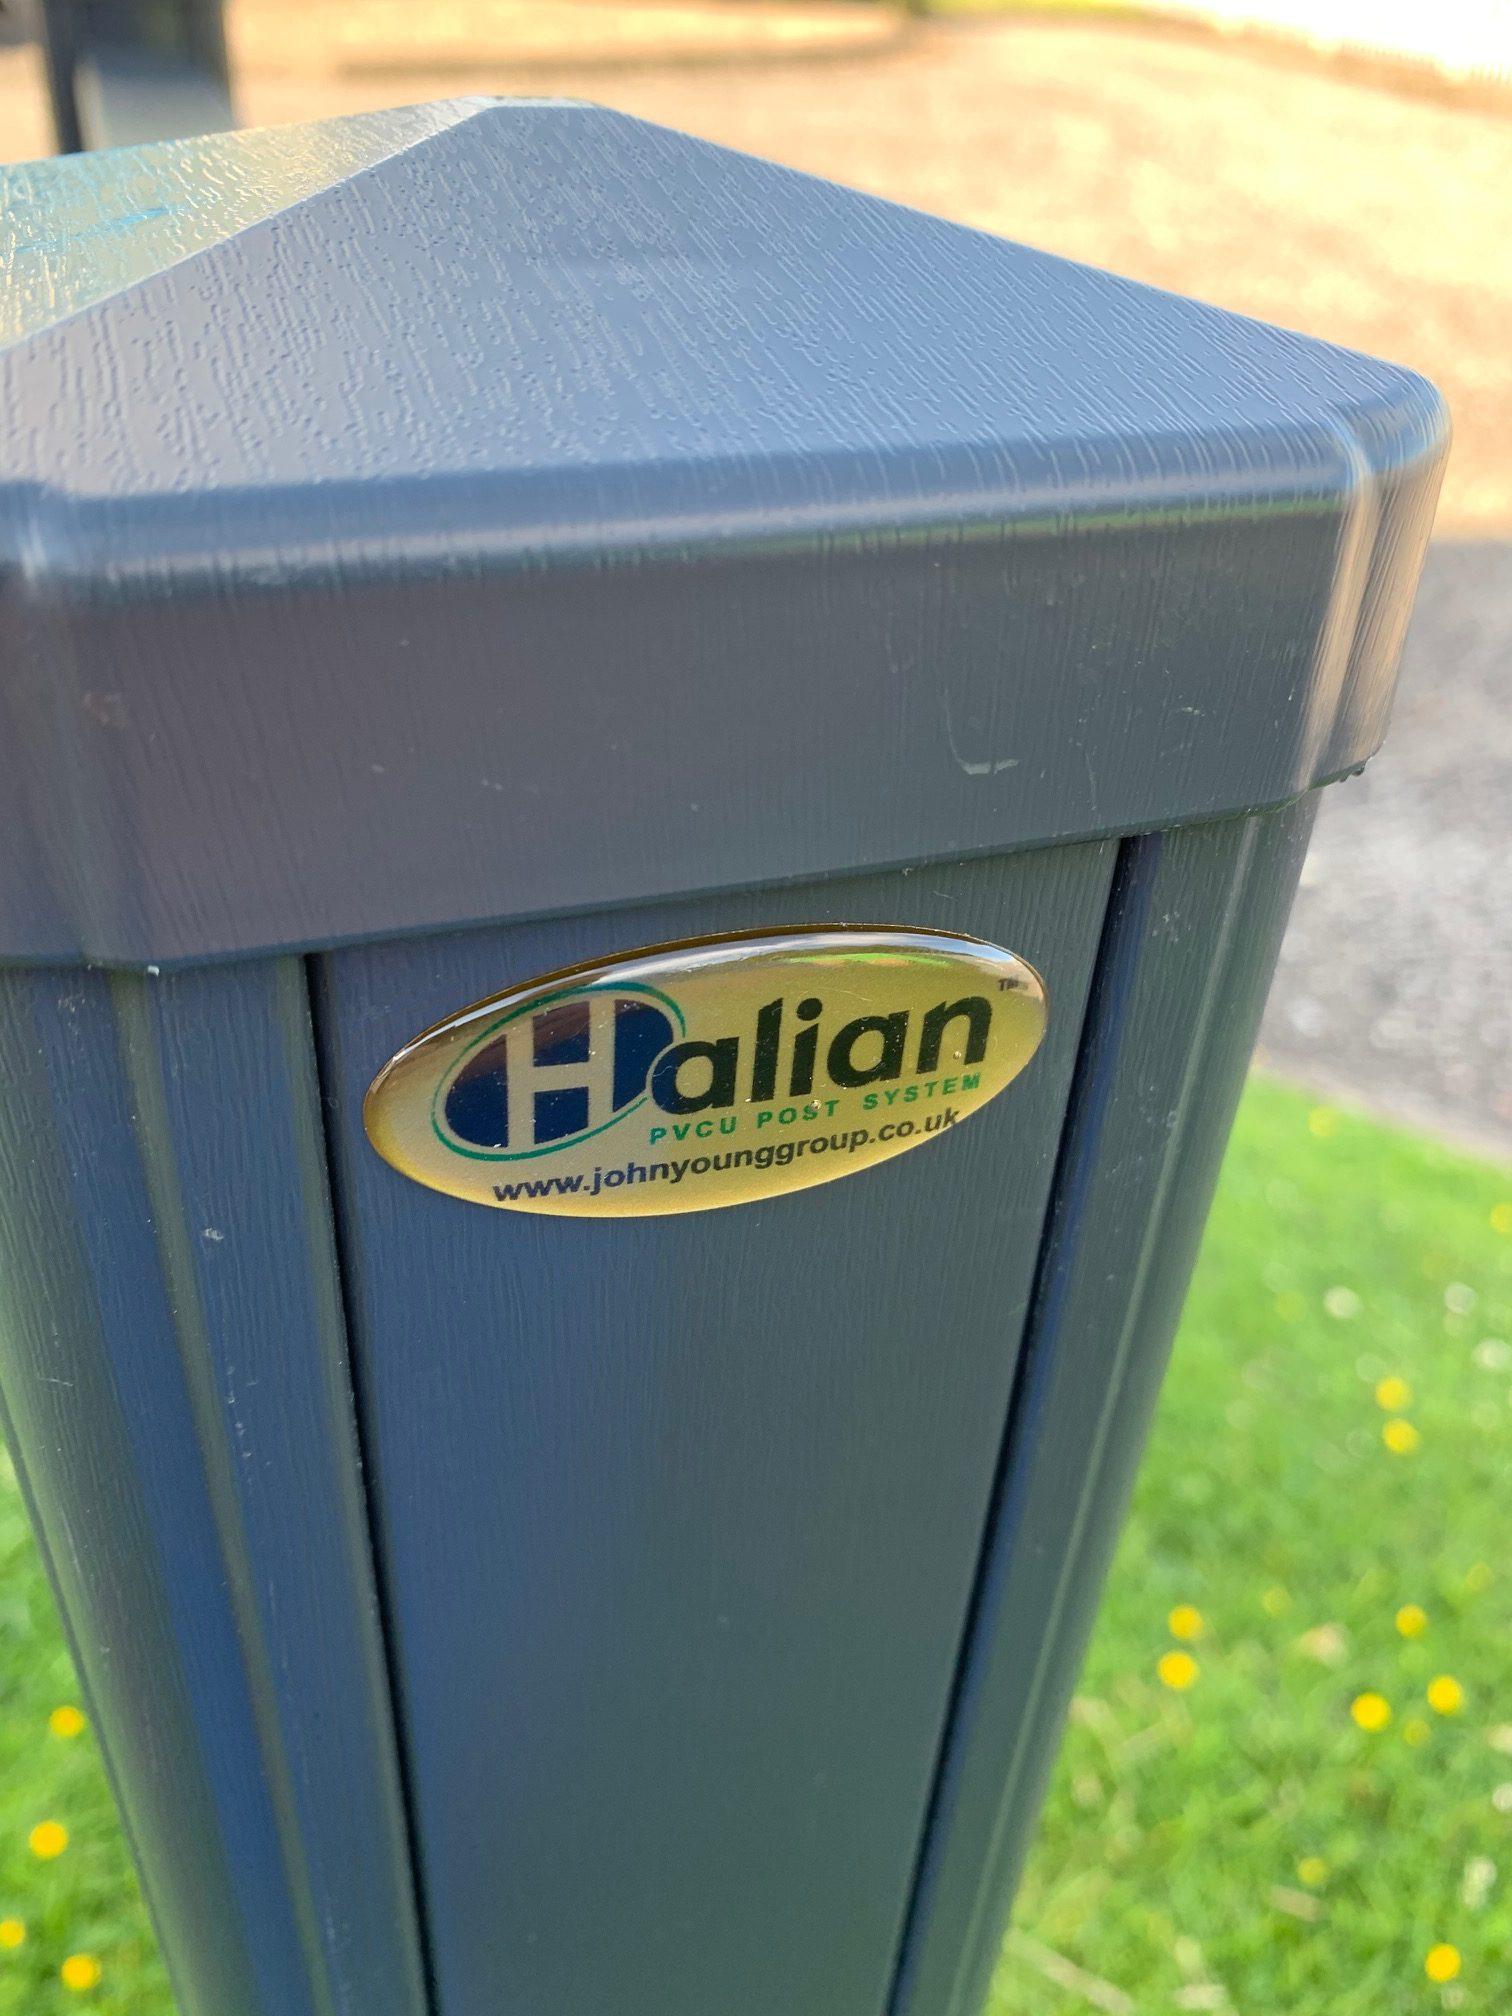 Halian uPVC Signage